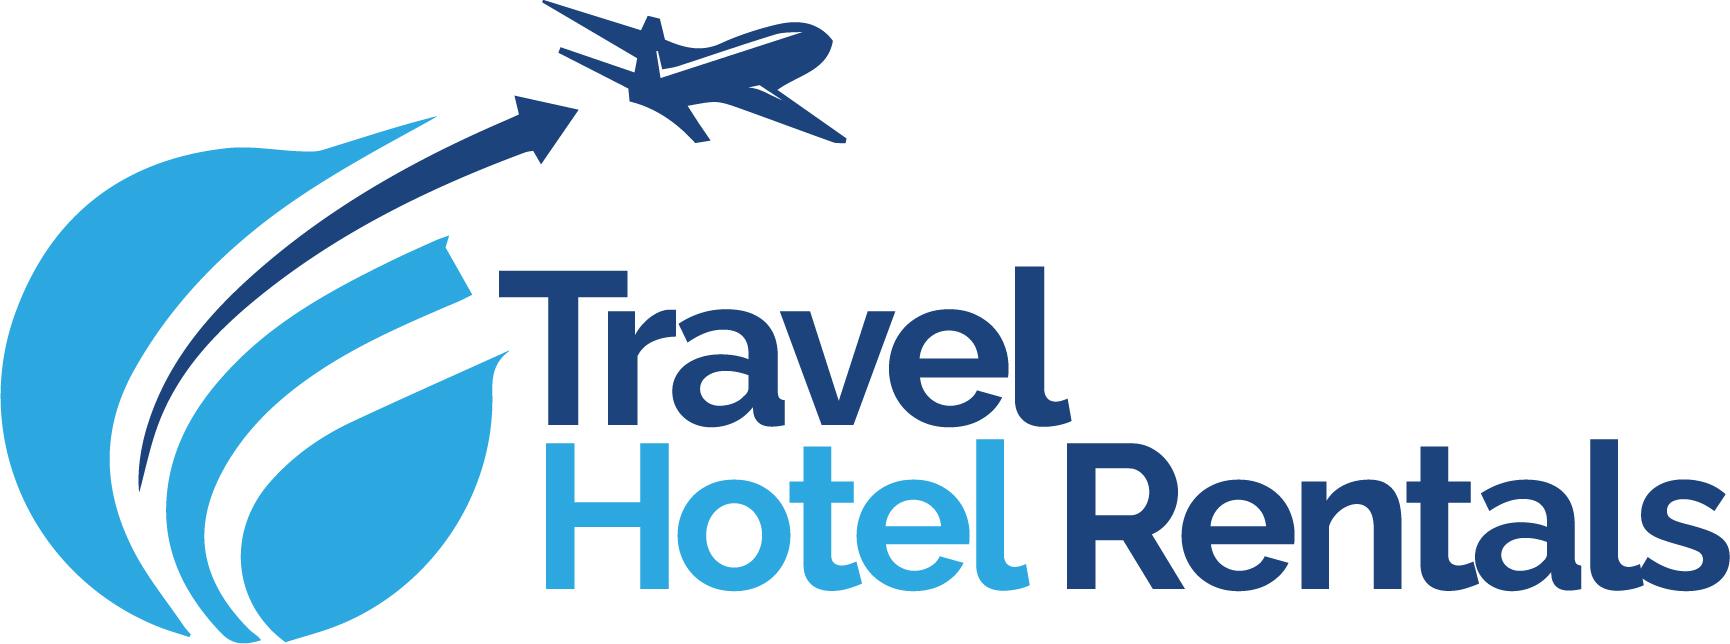 Travel Hotel Rentals